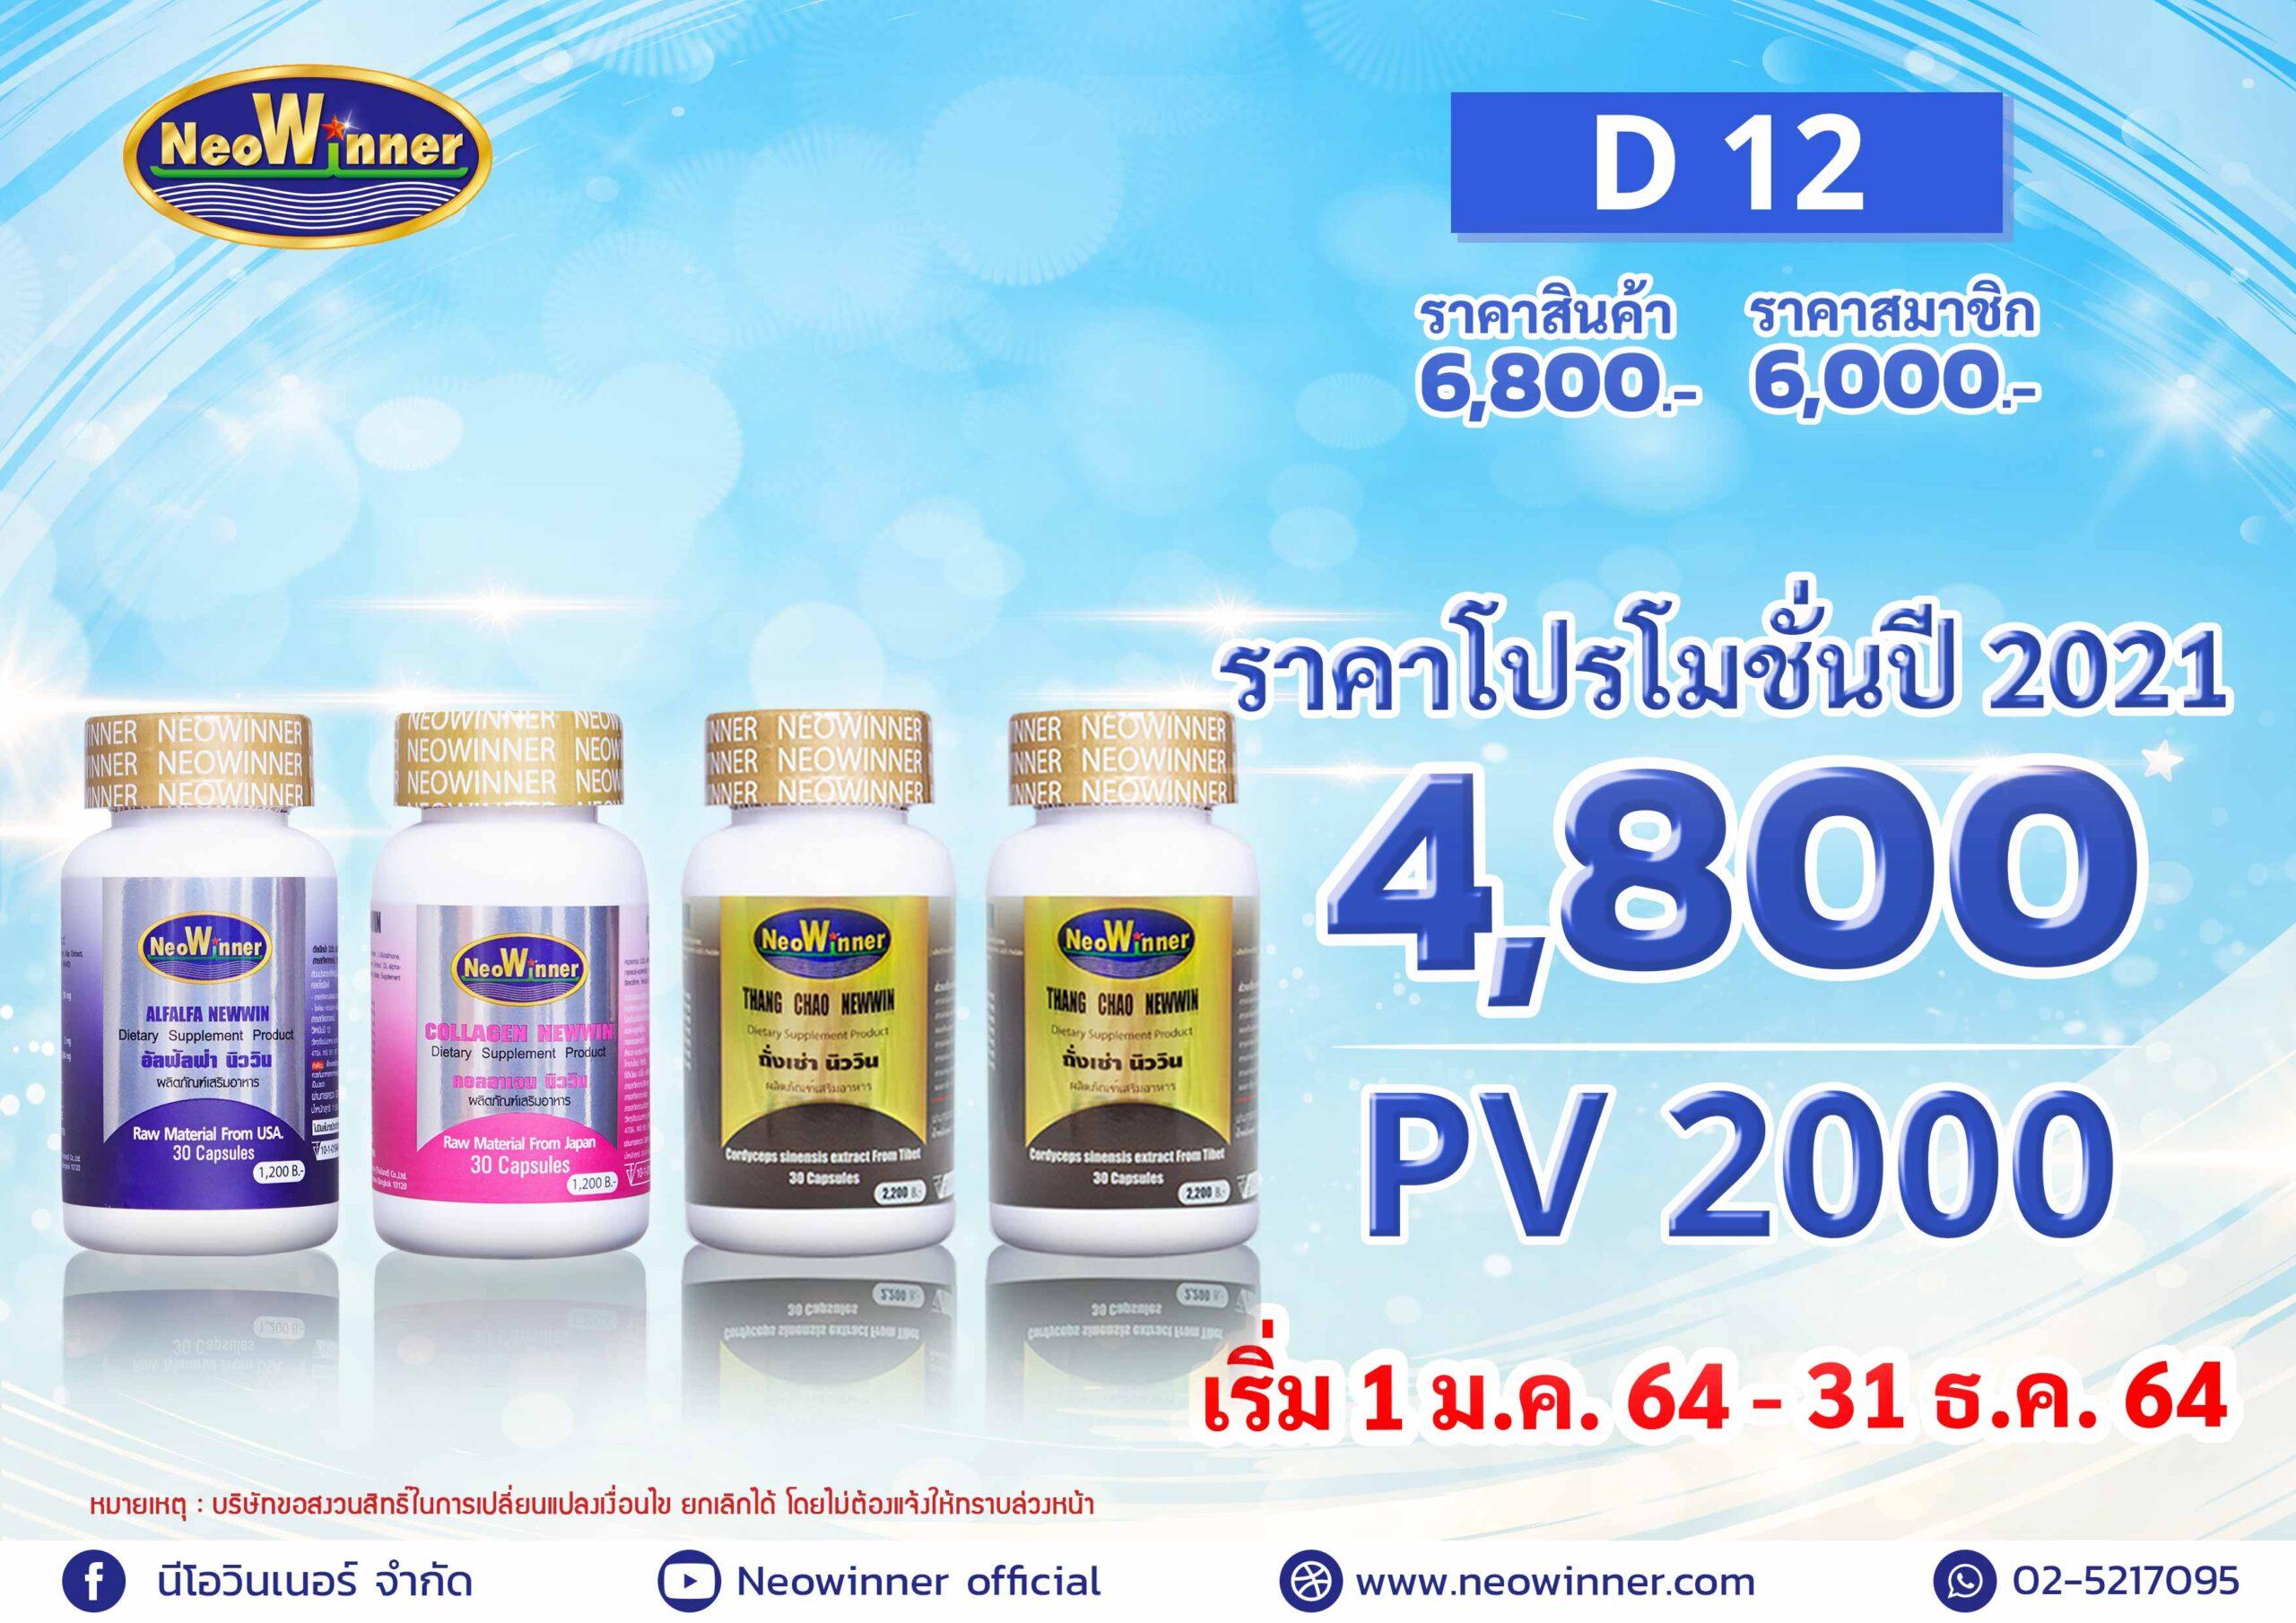 Promotion-D-12-2021